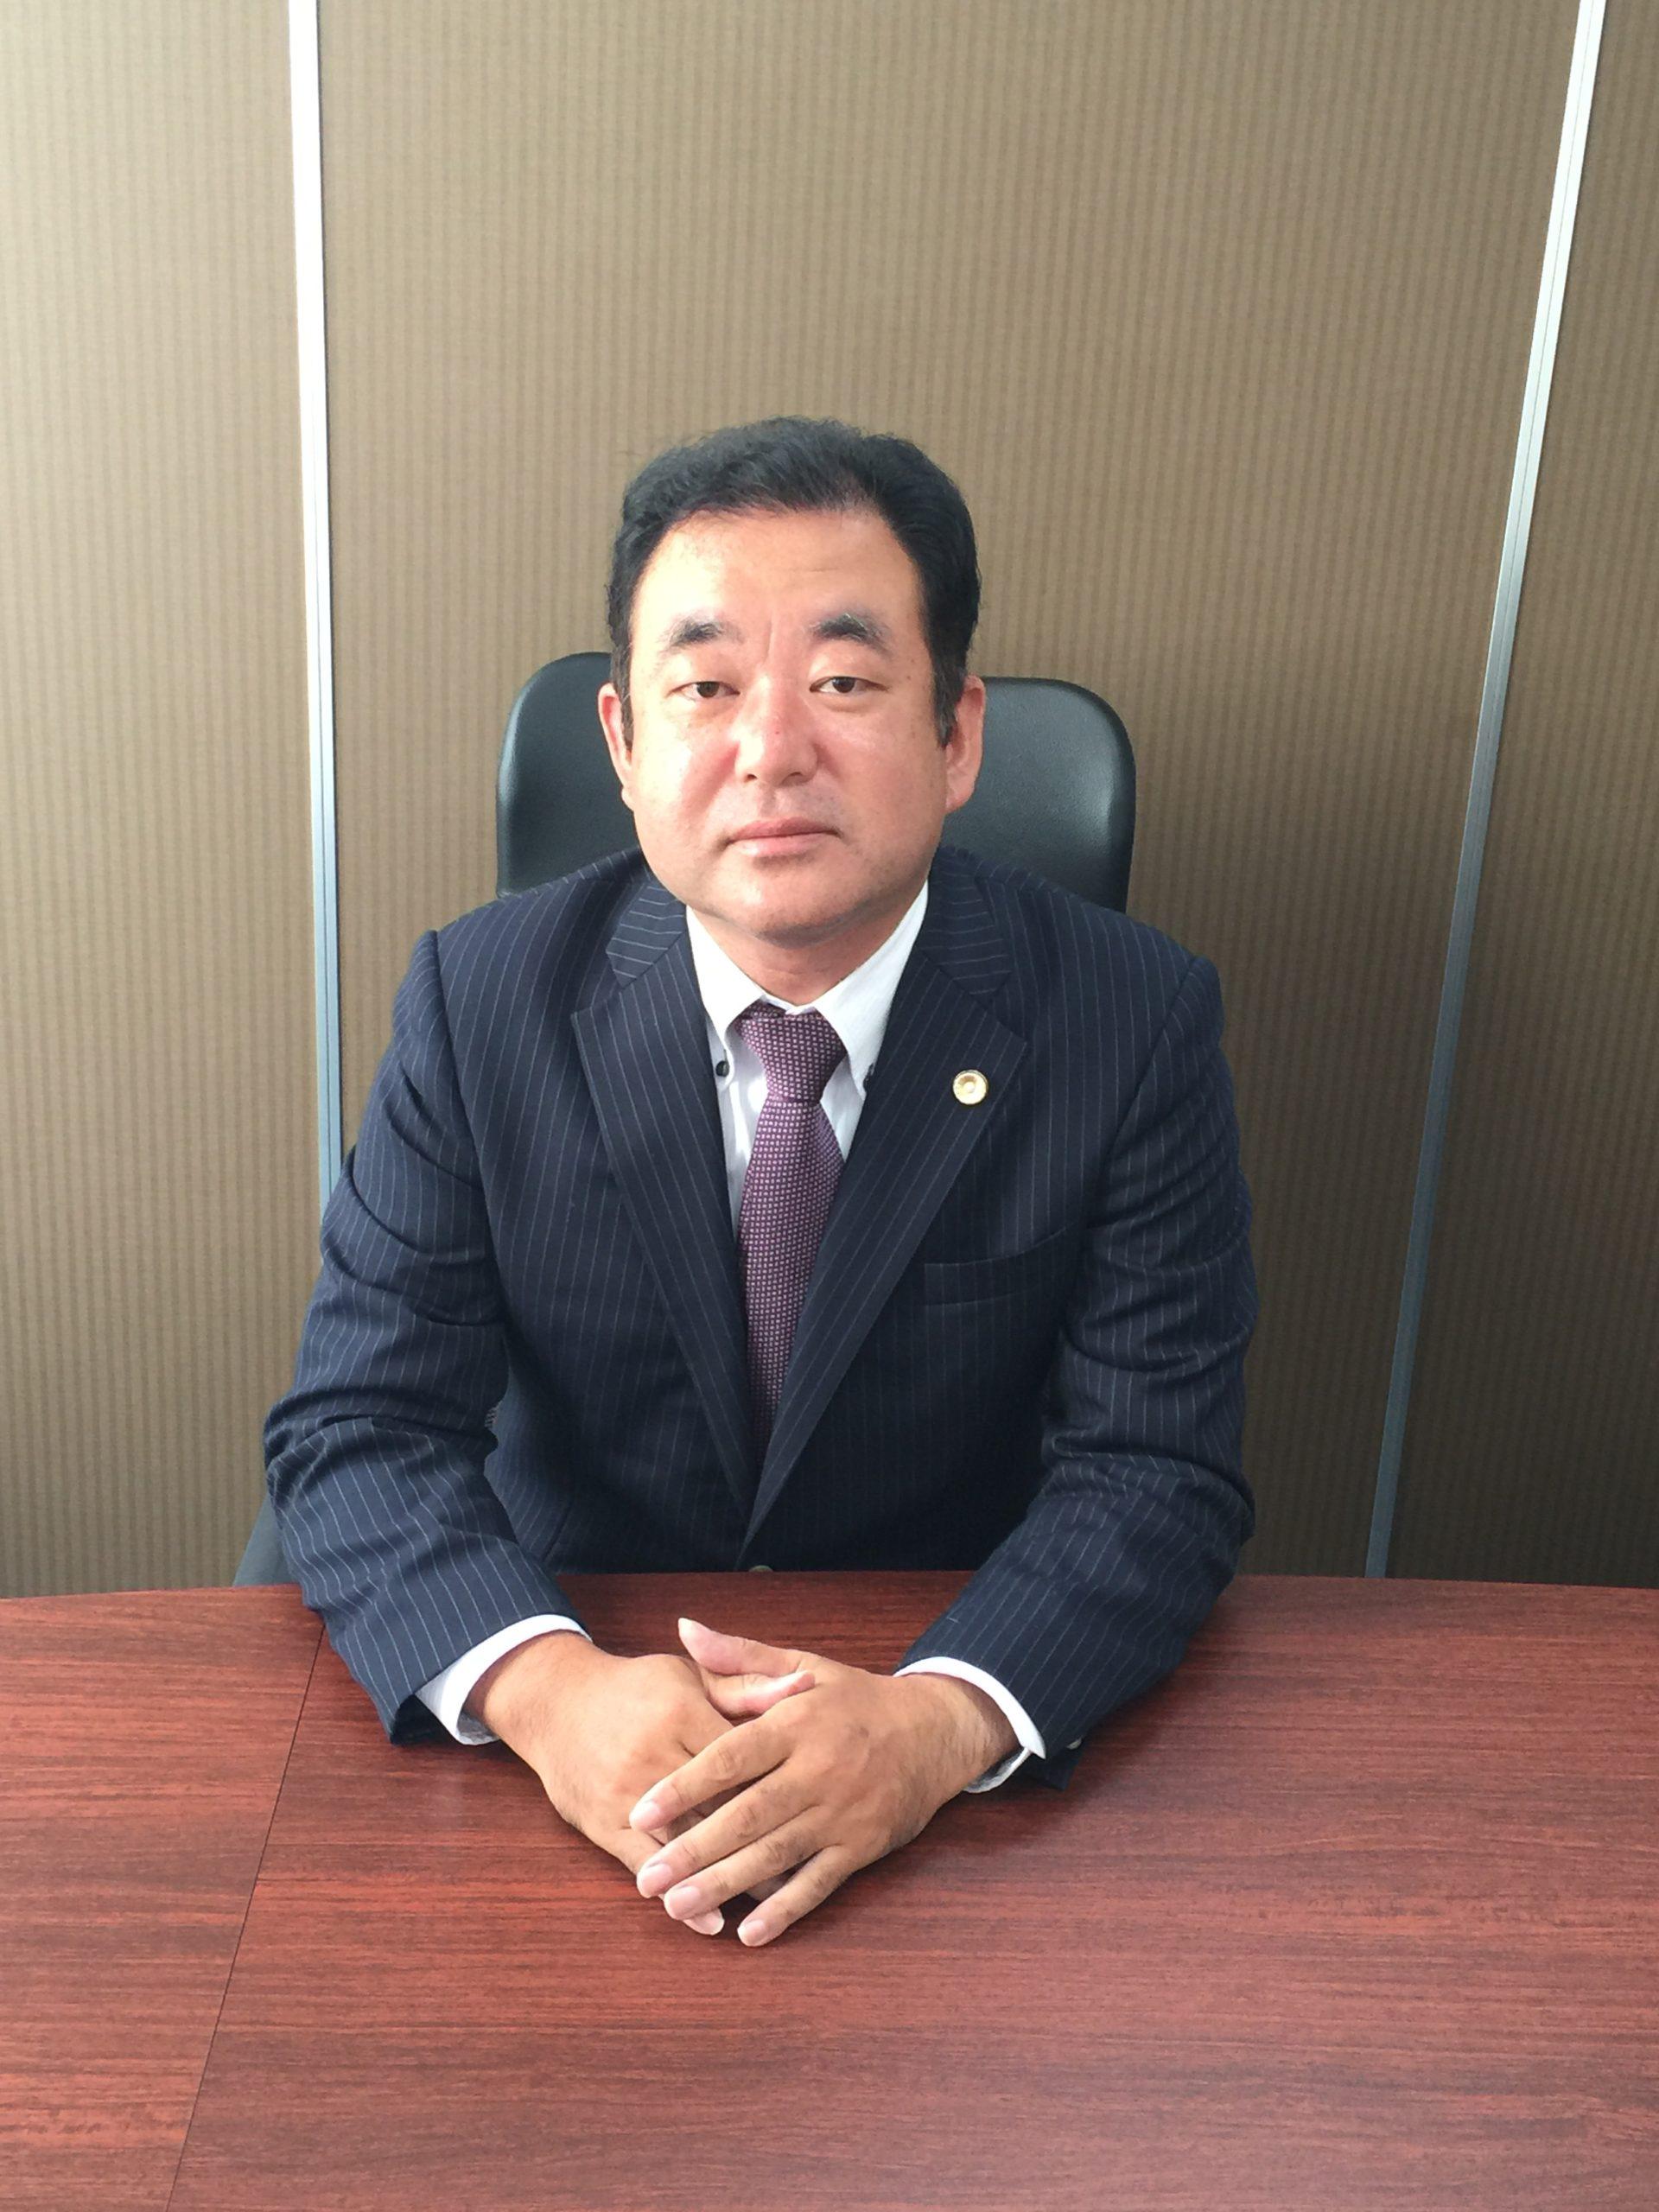 ほとぎ法律事務所 代表補伽 圭史郎 (ほとぎ けいしろう)